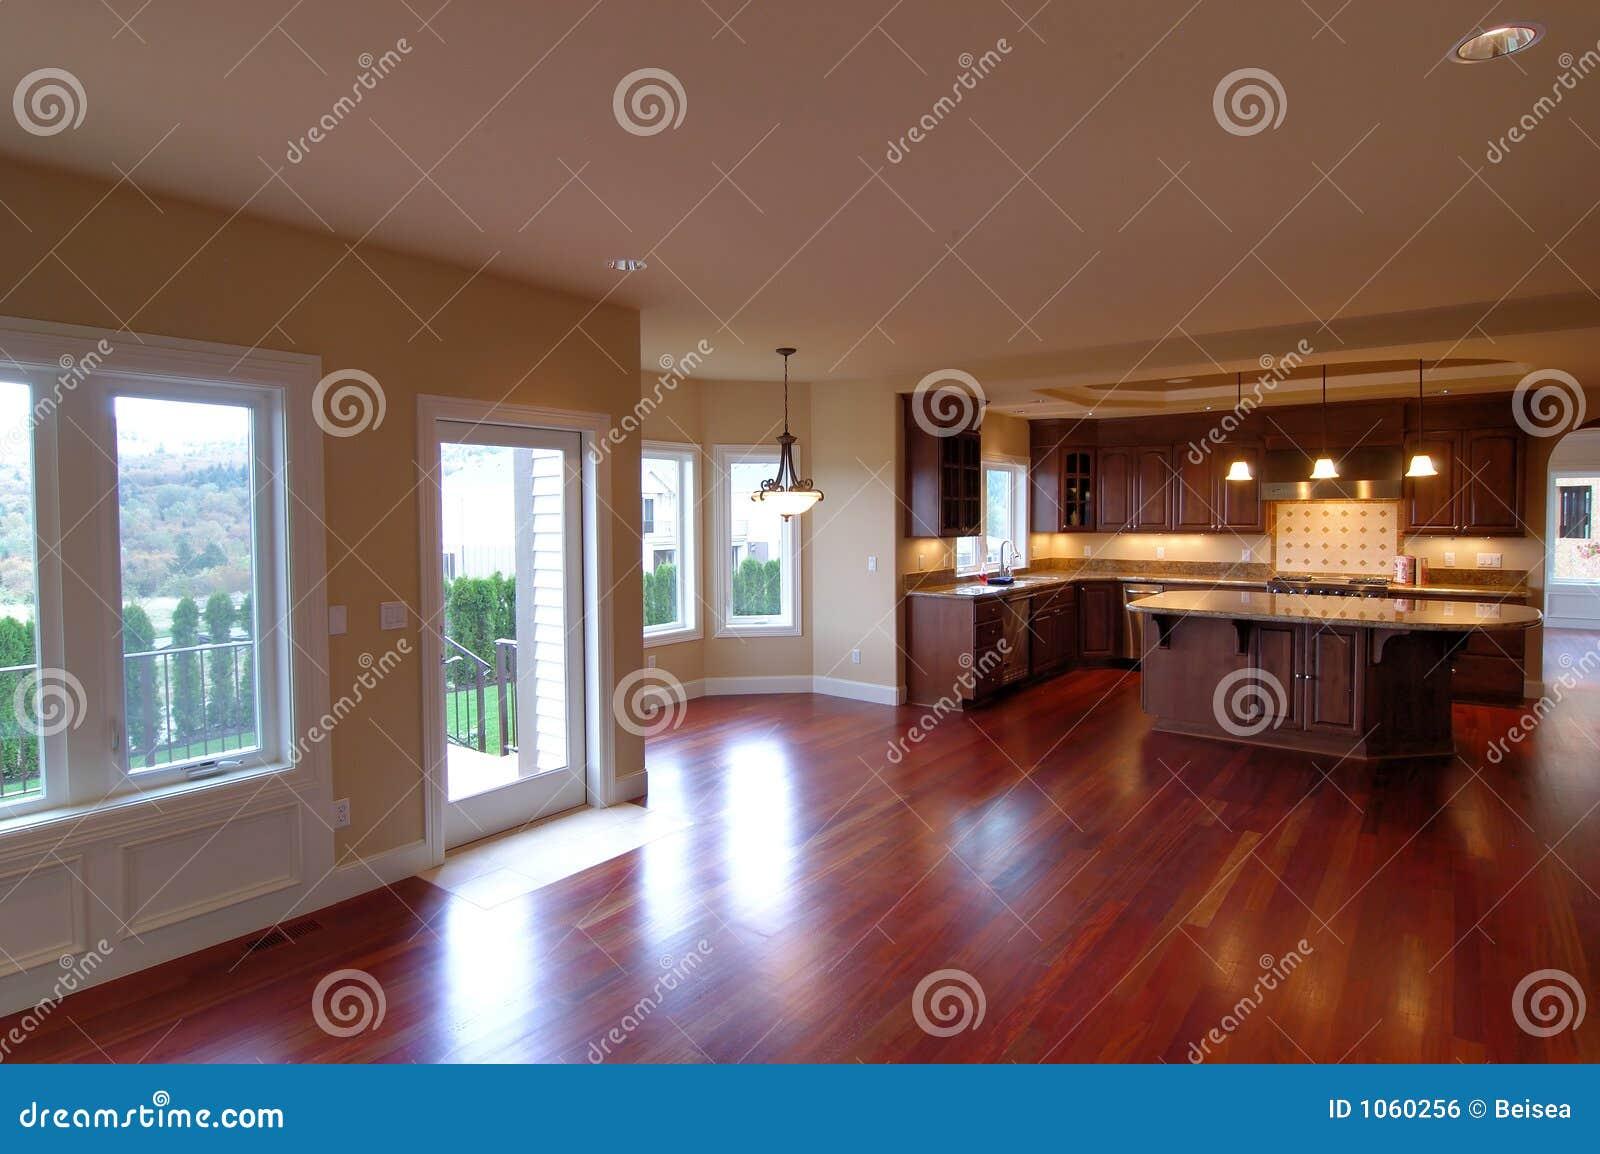 Casa americana luxuosa no 3 interior imagem de stock - Casas modernas interior ...